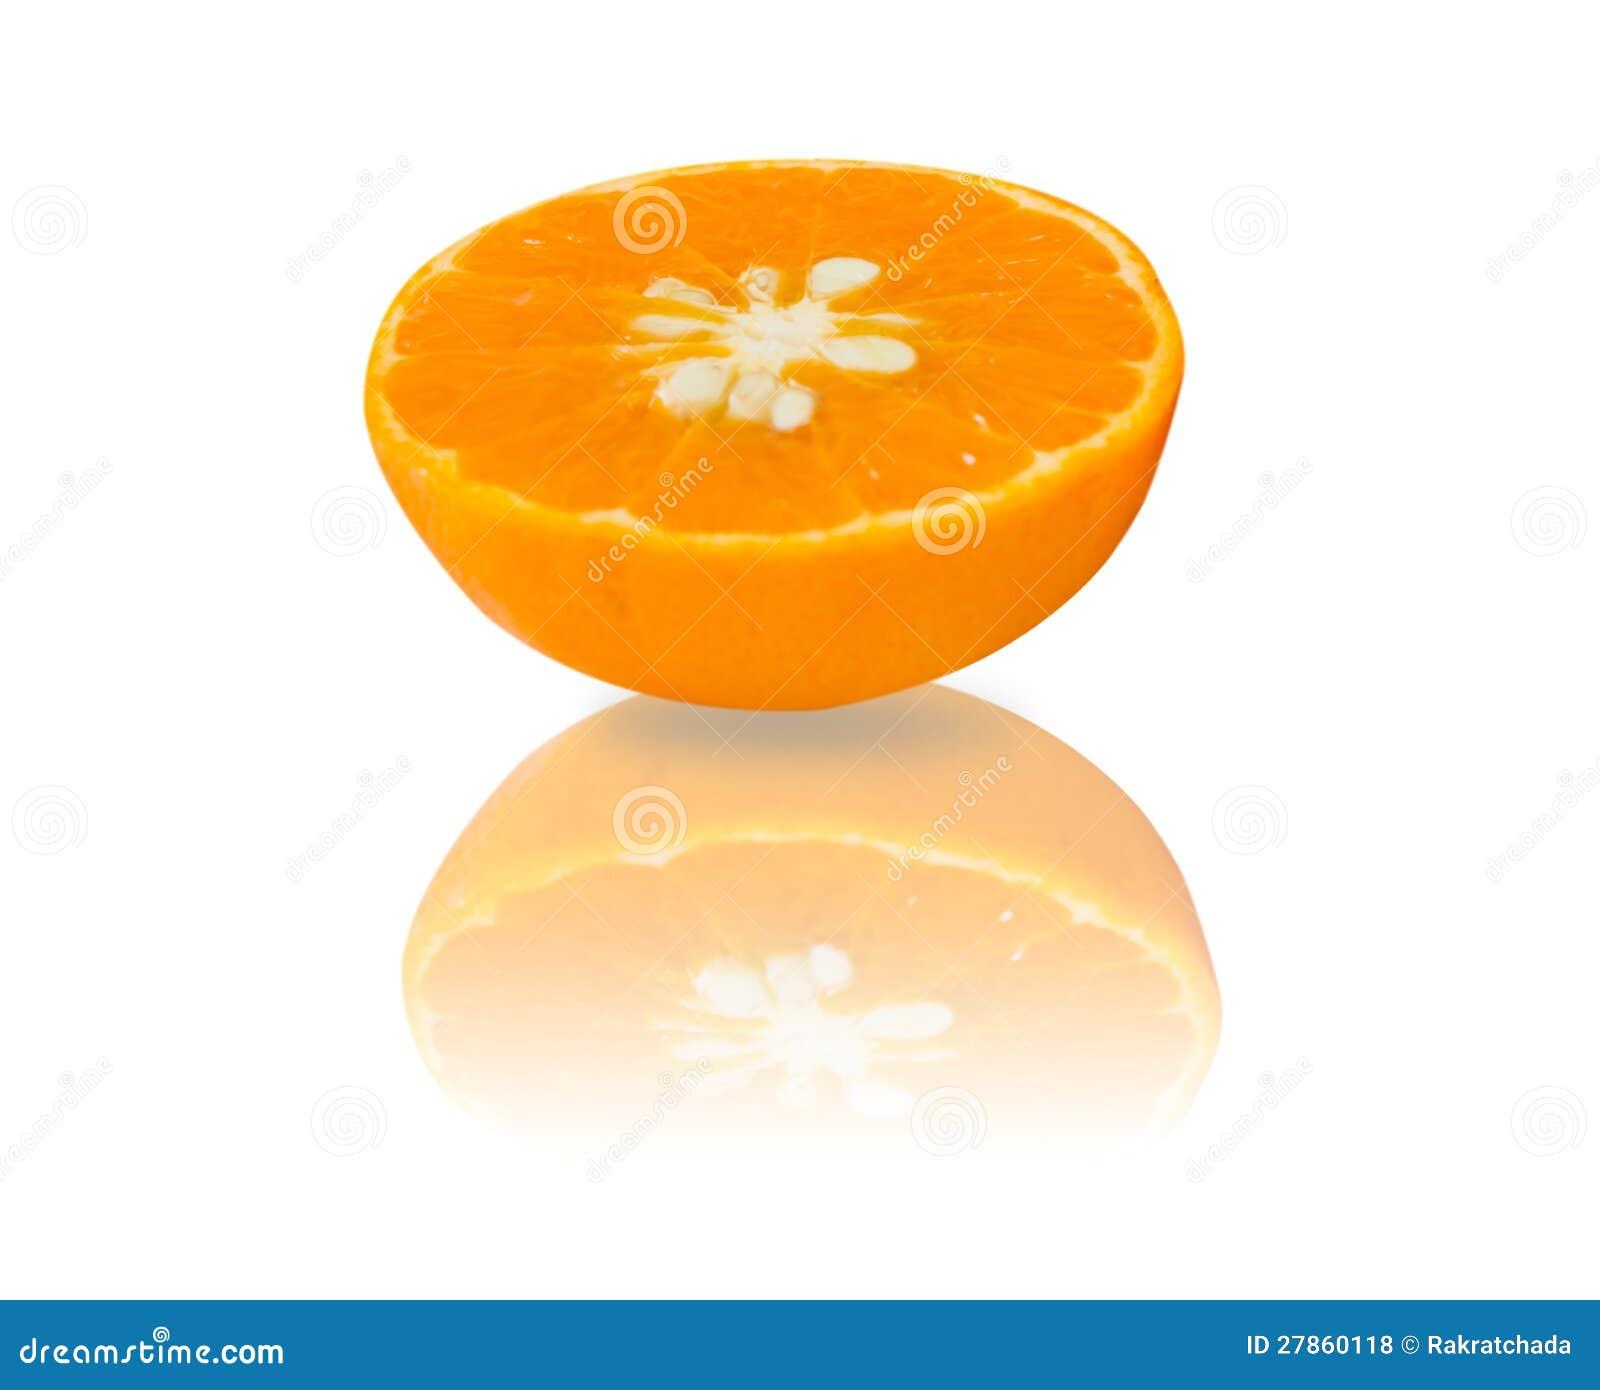 Połówka pomarańcze